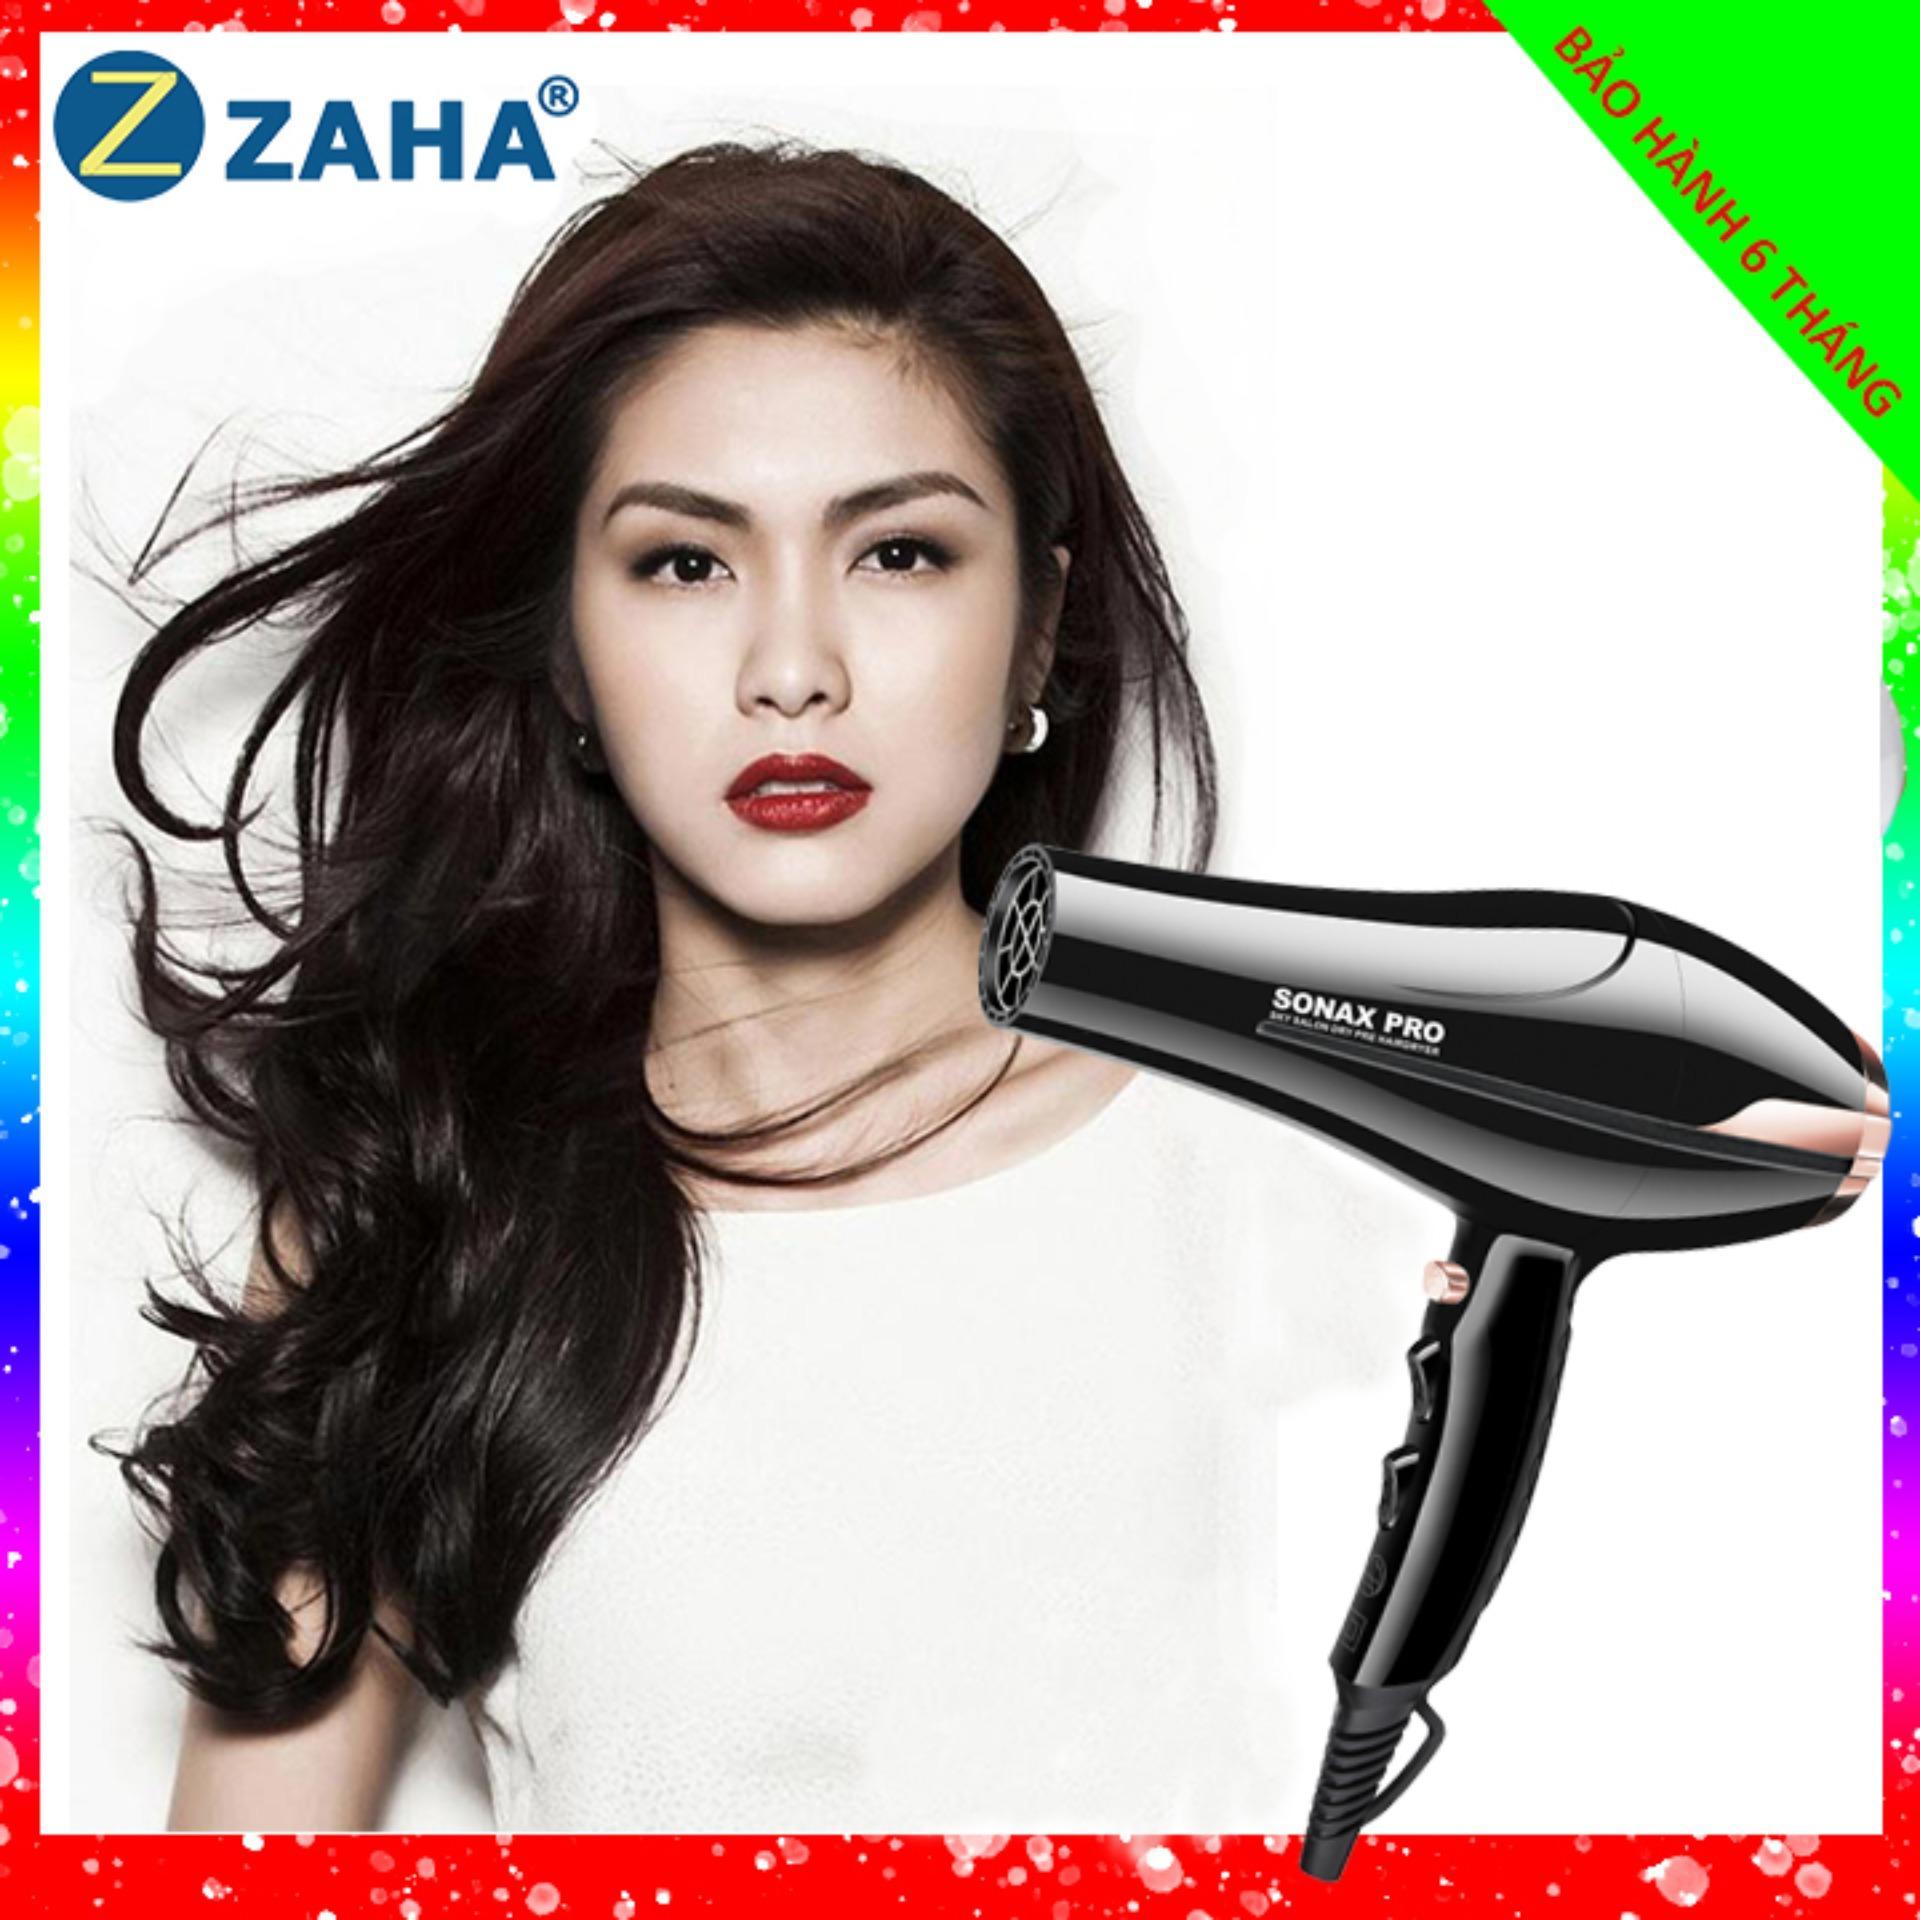 Máy sấy tóc Sonax Pro 6623 Cao cấp công suất lớn